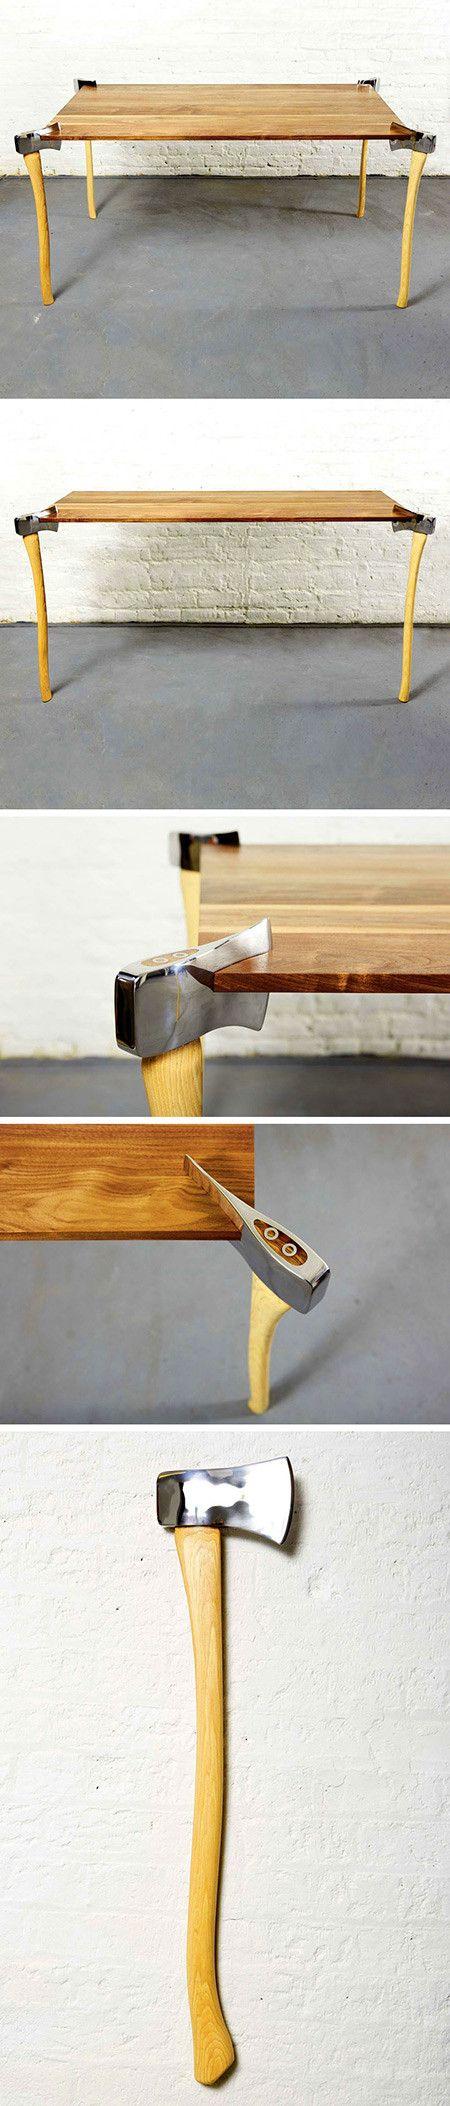 axt tisch m bel esstisch schreibtisch diy furniture with. Black Bedroom Furniture Sets. Home Design Ideas